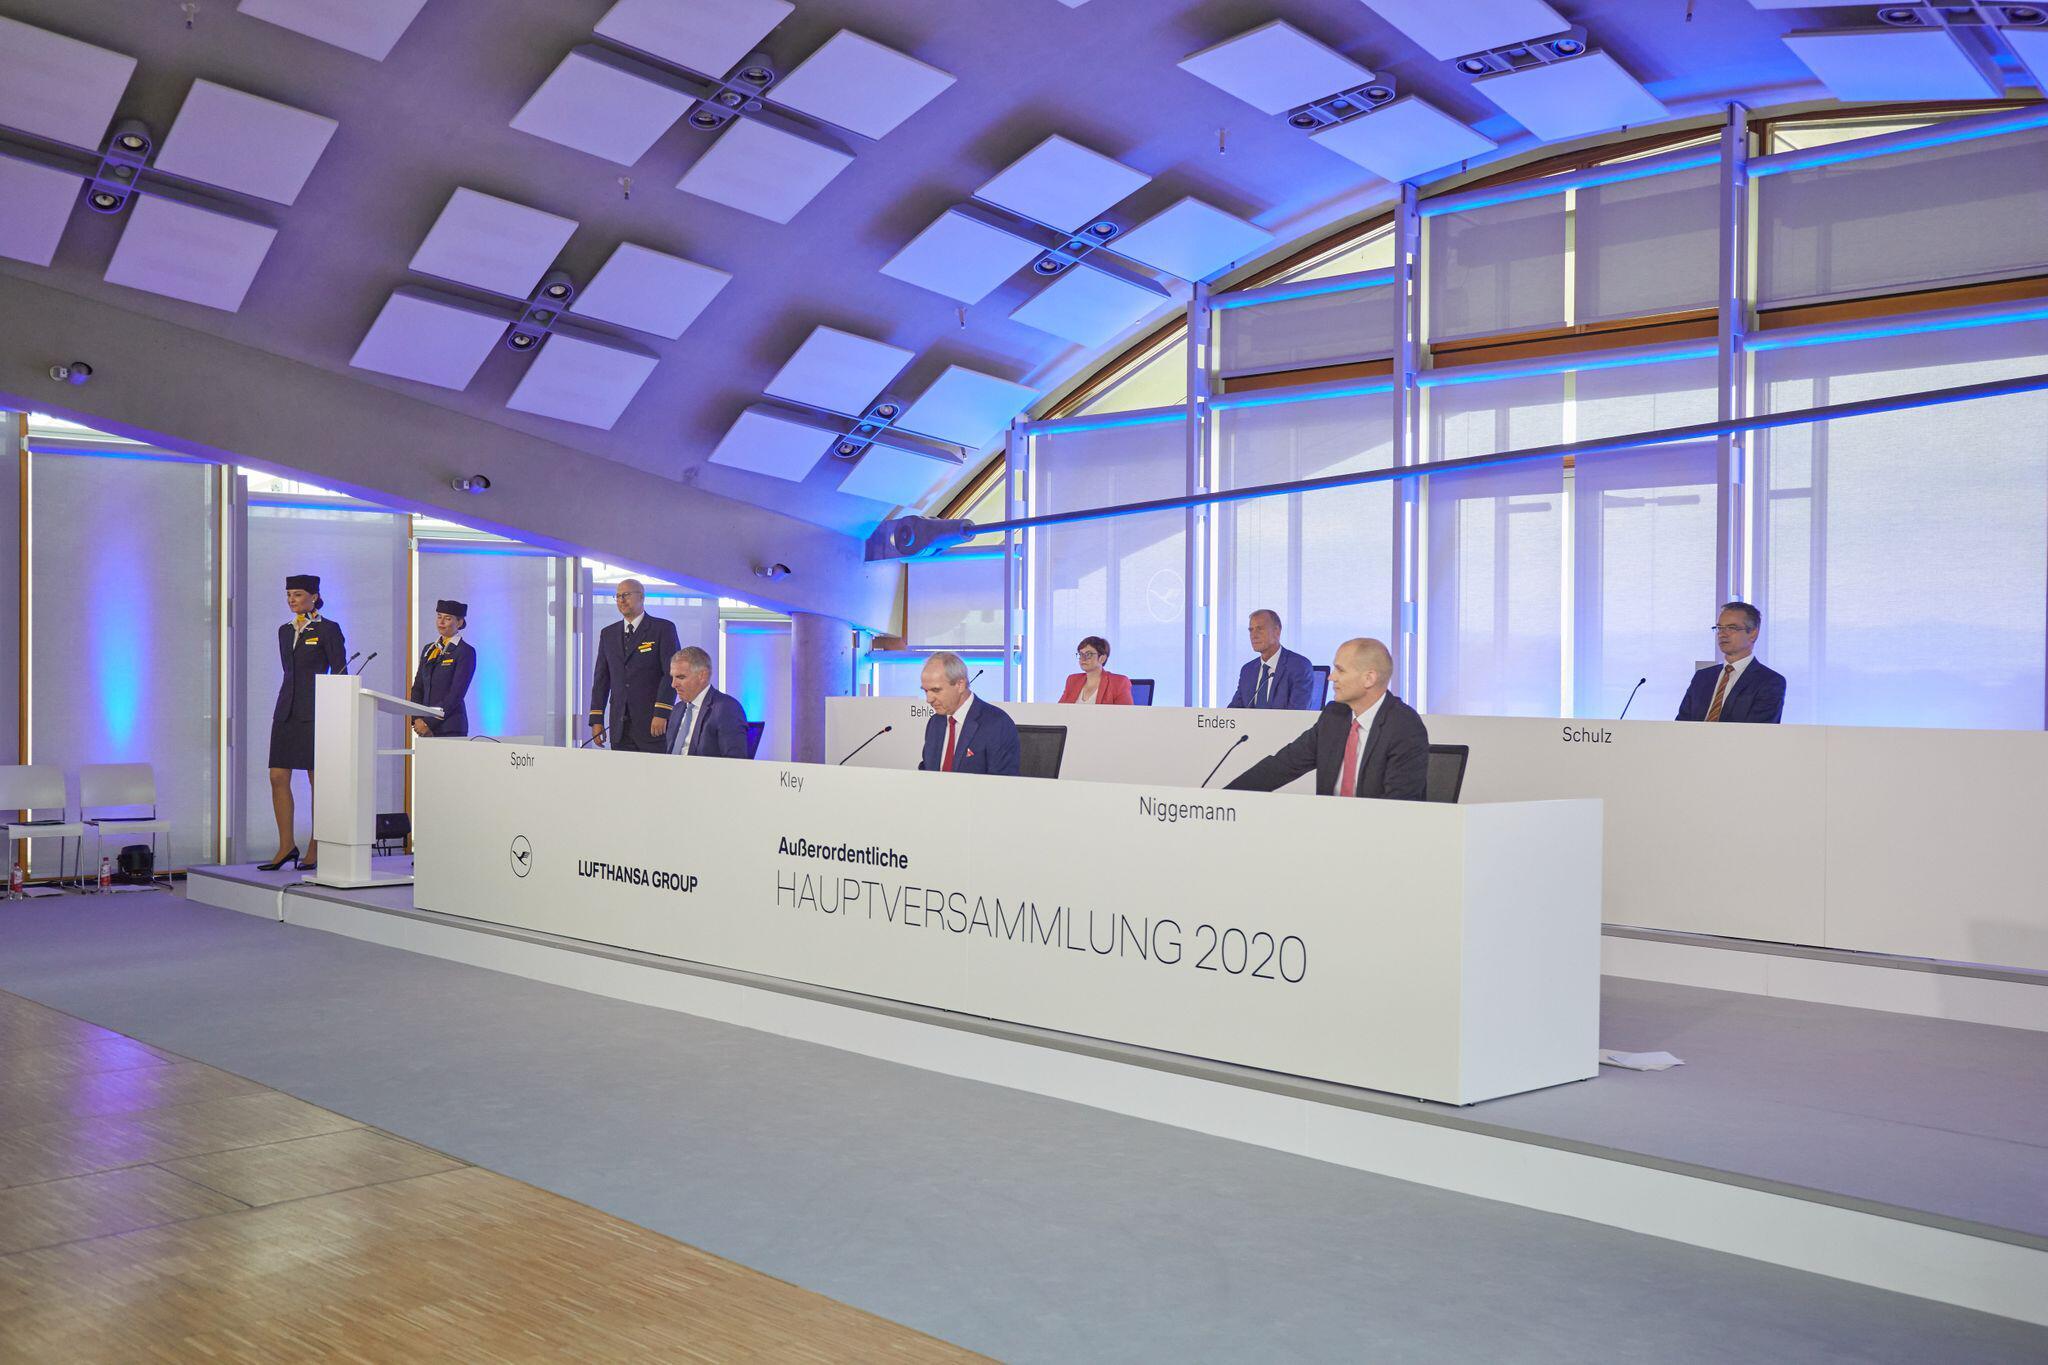 Bild zu Ausserordentliche Hauptversammlung der Deutschen Lufthansa AG